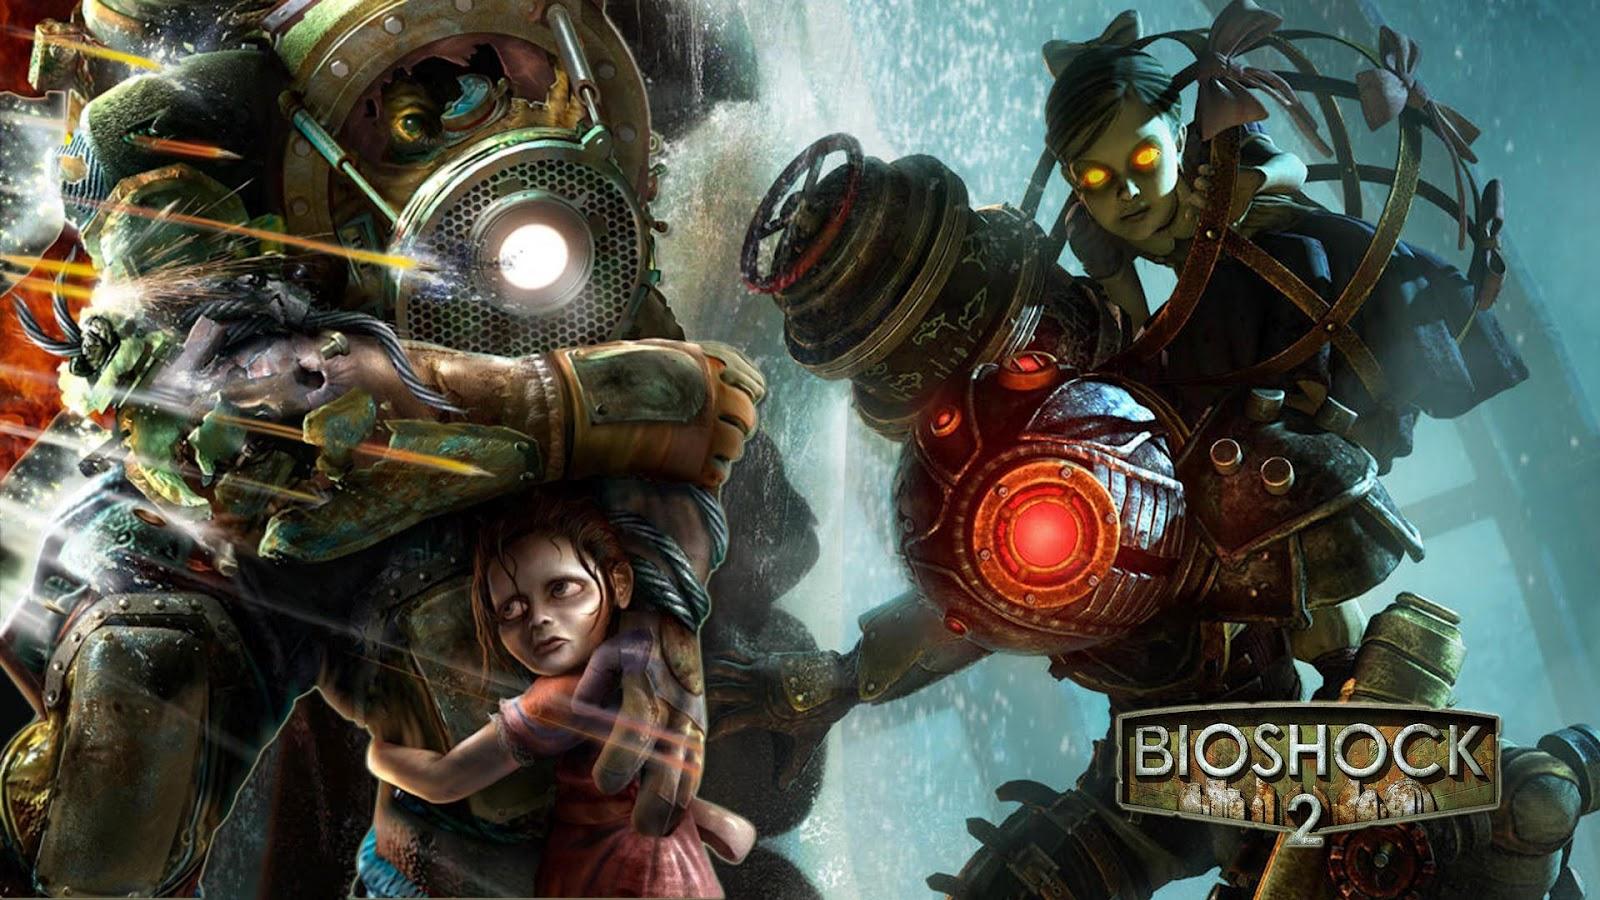 Bioshock 2 Wallpaper 1080p - WallpaperSafari